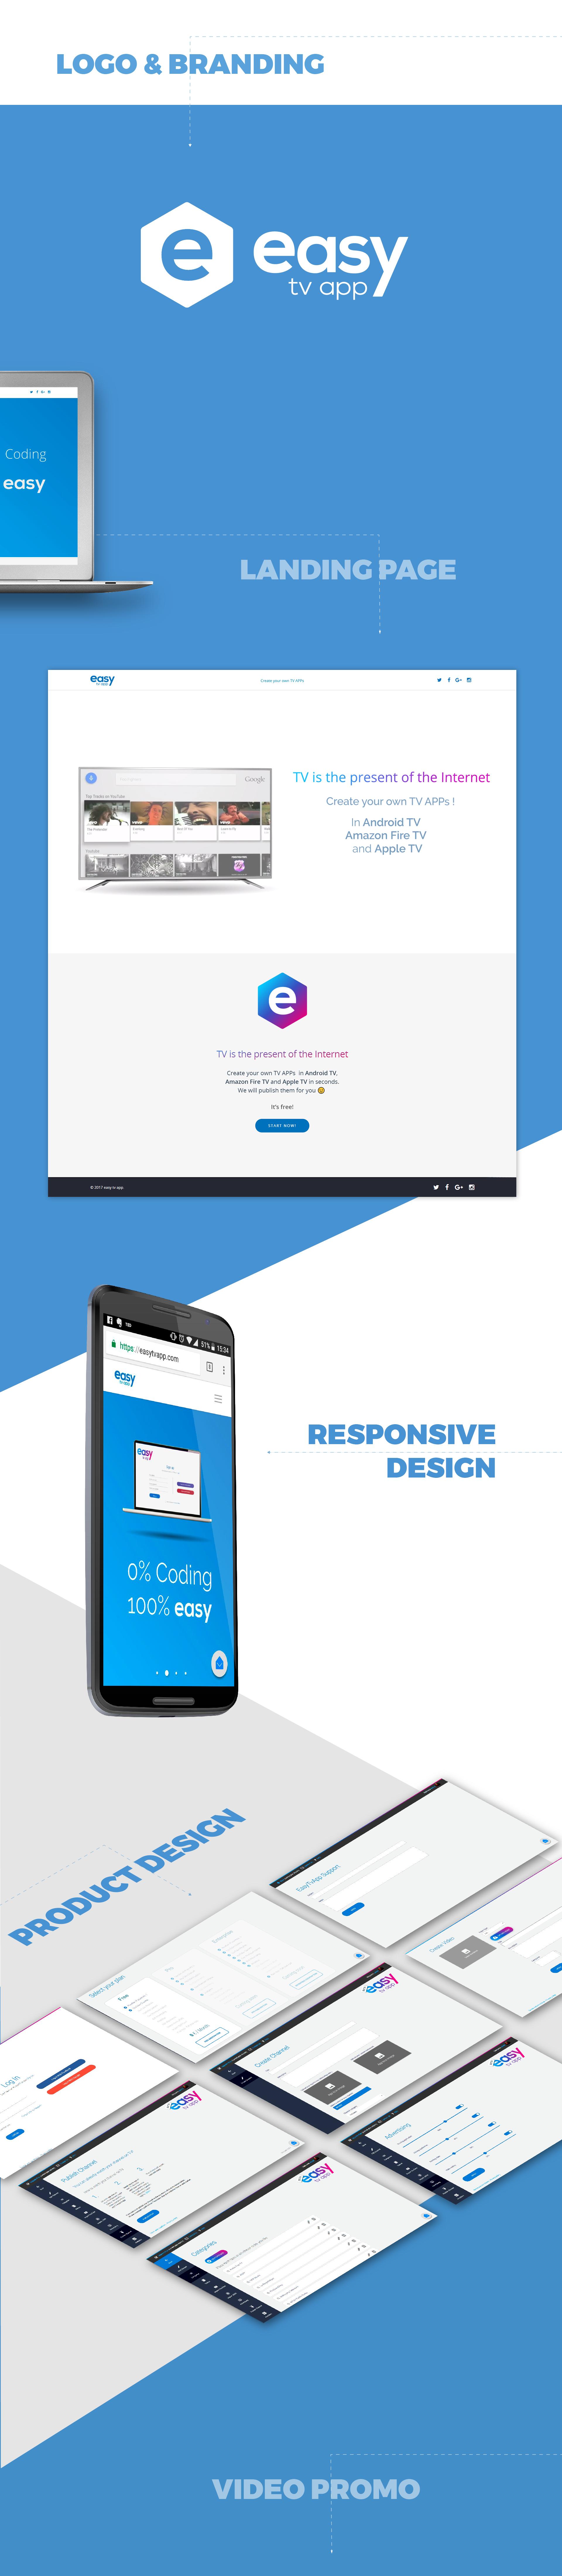 Branding y diseño web para easy tv app por Binarid